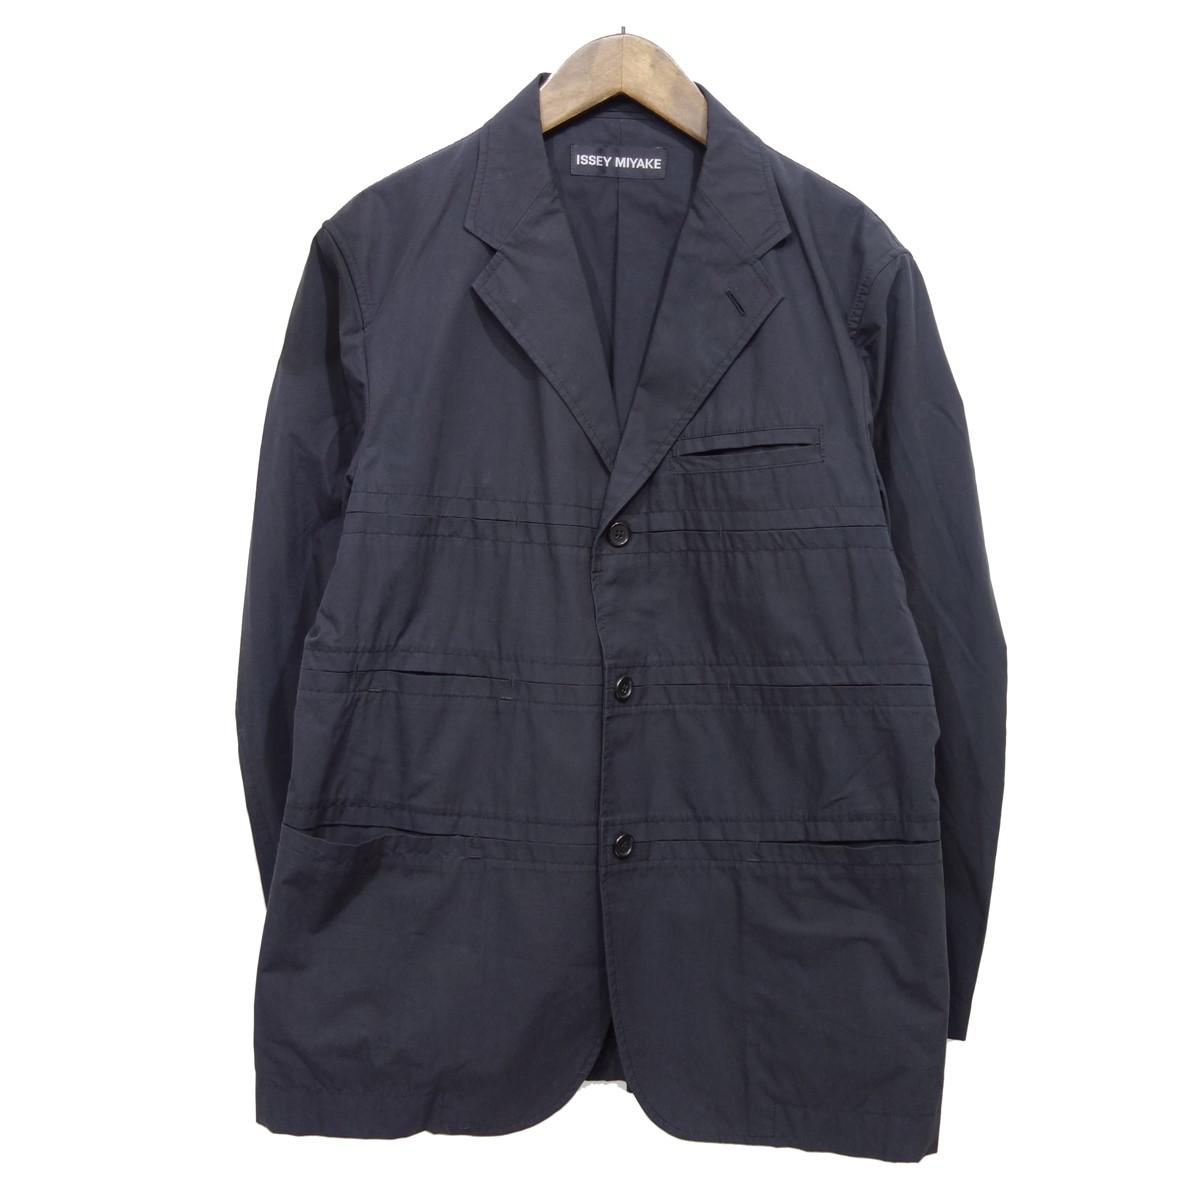 【中古】ISSEY MIYAKE 3Bボタンジャケット ブラック サイズ:2 【050720】(イッセイミヤケ)